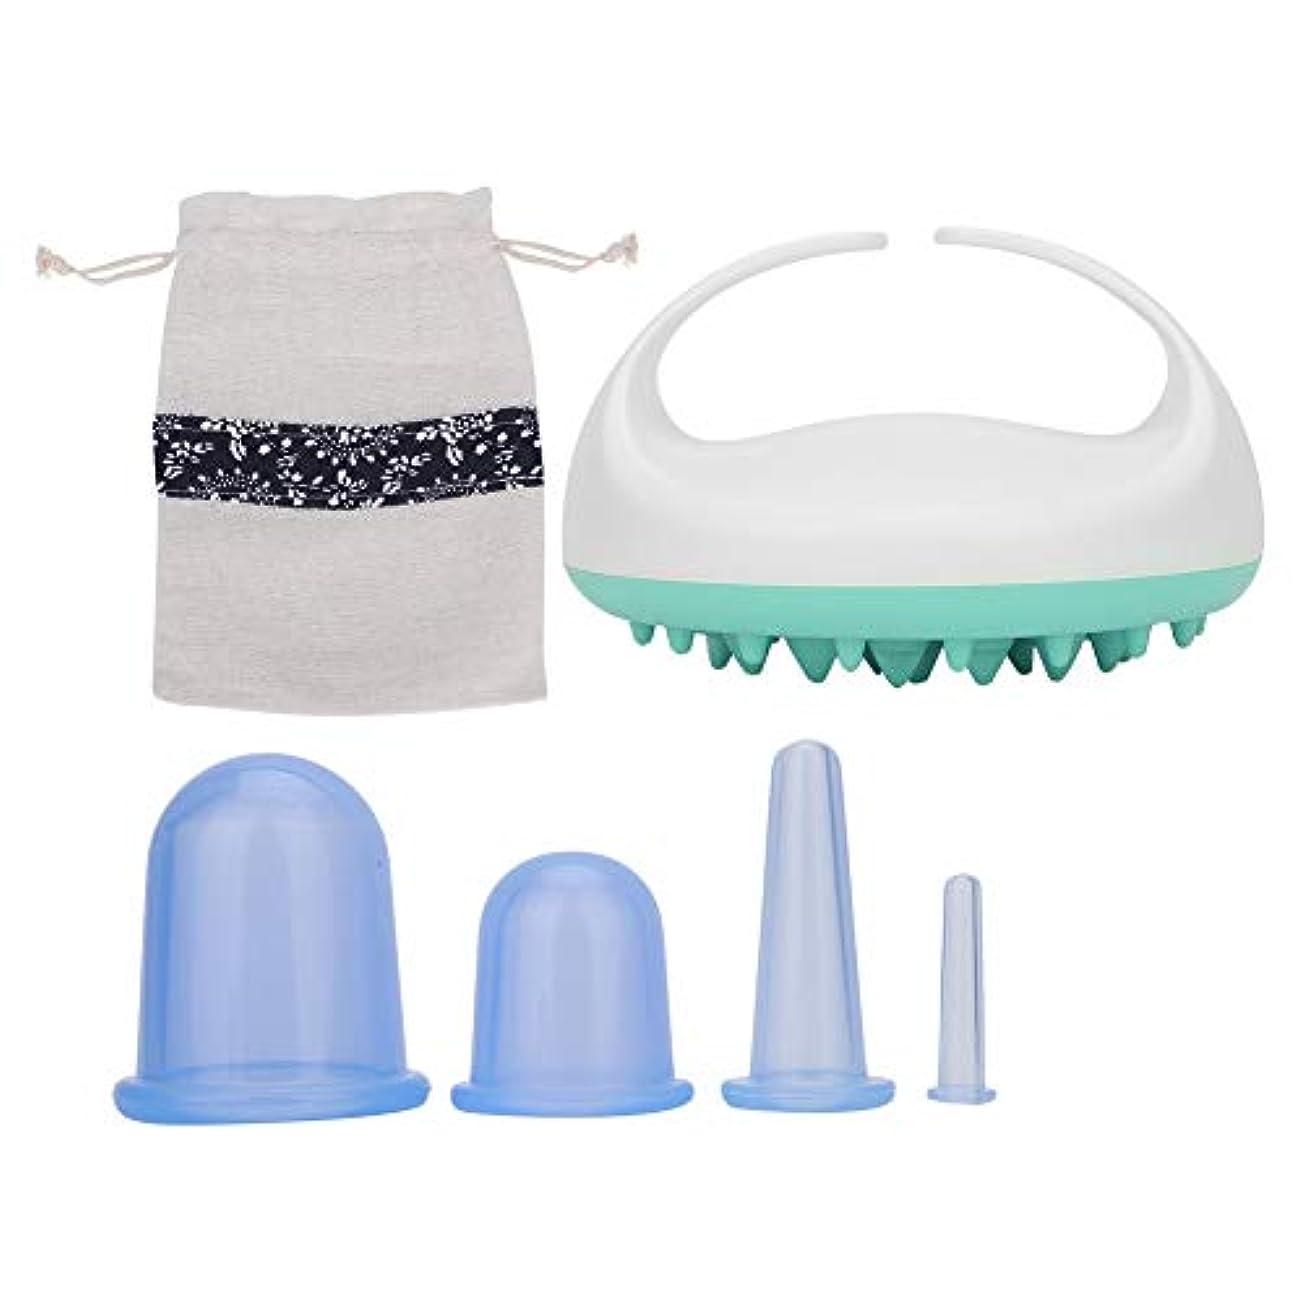 コンドーム変わるトランスミッションカッピングカップ、セルライトリムーバーマッサージャー真空吸引カッピングカップマッサージカッピングセット(青+緑)